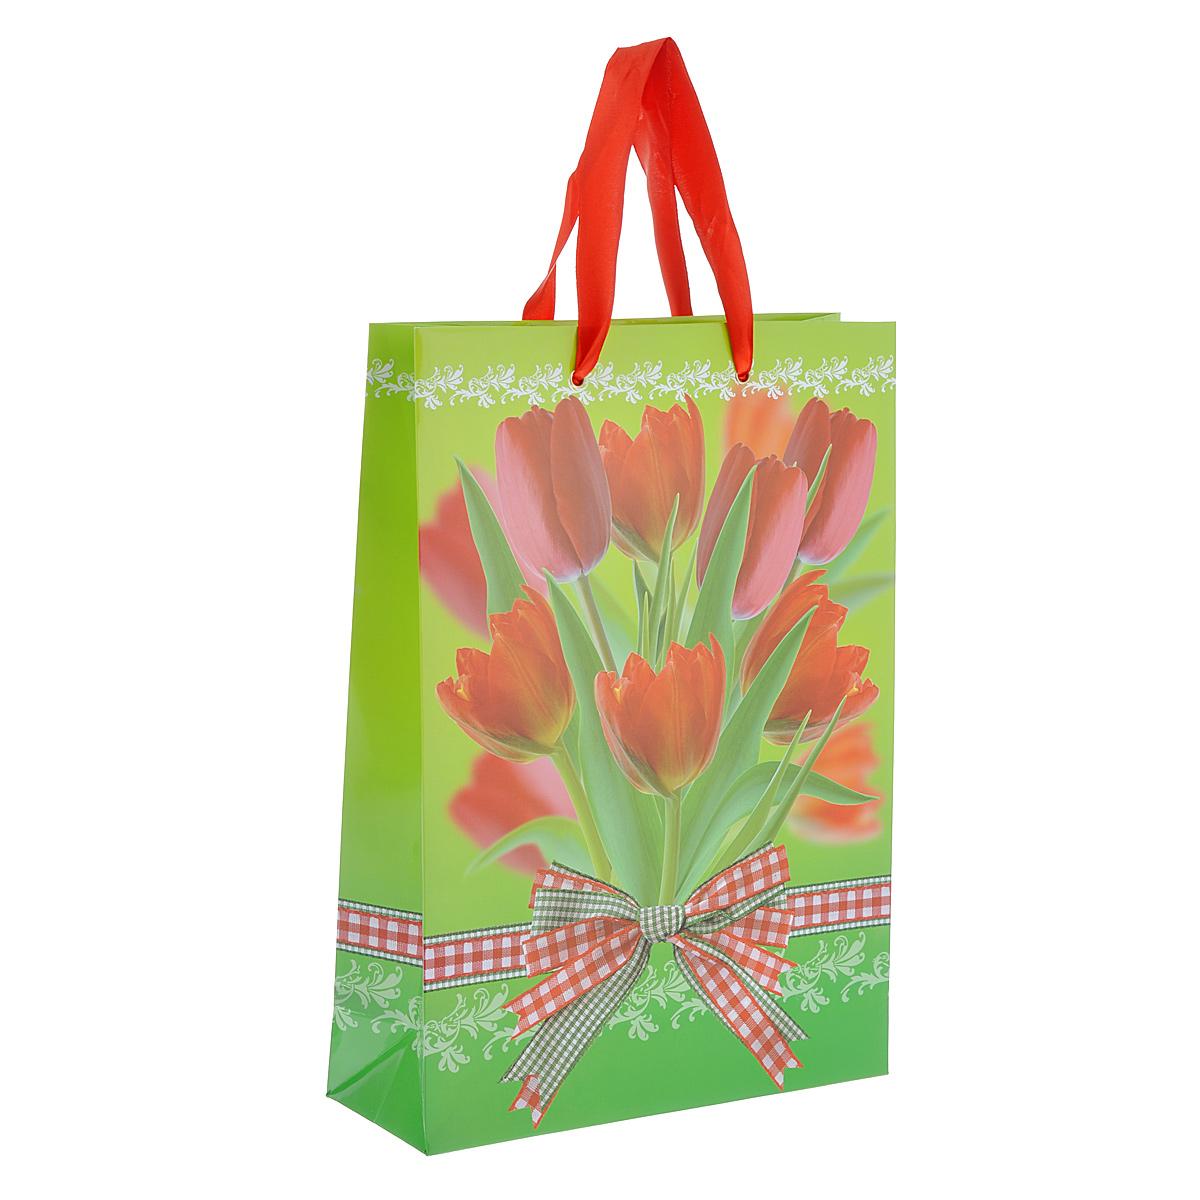 Пакет подарочный Тюльпаны, 25 см х 35 см х 9 см09840-20.000.00Подарочный пакет Тюльпаны выполнен из плотной ламинированной бумаги с красочным цветочным рисунком. Дизайн очень яркий и заряжает весенним настроением. Дно изделия укреплено плотным картоном, который позволяет сохранить форму пакета и исключает возможность деформации под тяжестью подарка. Для удобной переноски на пакете имеются две атласные ручки.Подарок, преподнесенный в оригинальной упаковке, всегда будет самым эффектным и запоминающимся. Окружите близких людей вниманием и заботой, вручив презент в нарядном, праздничном оформлении.